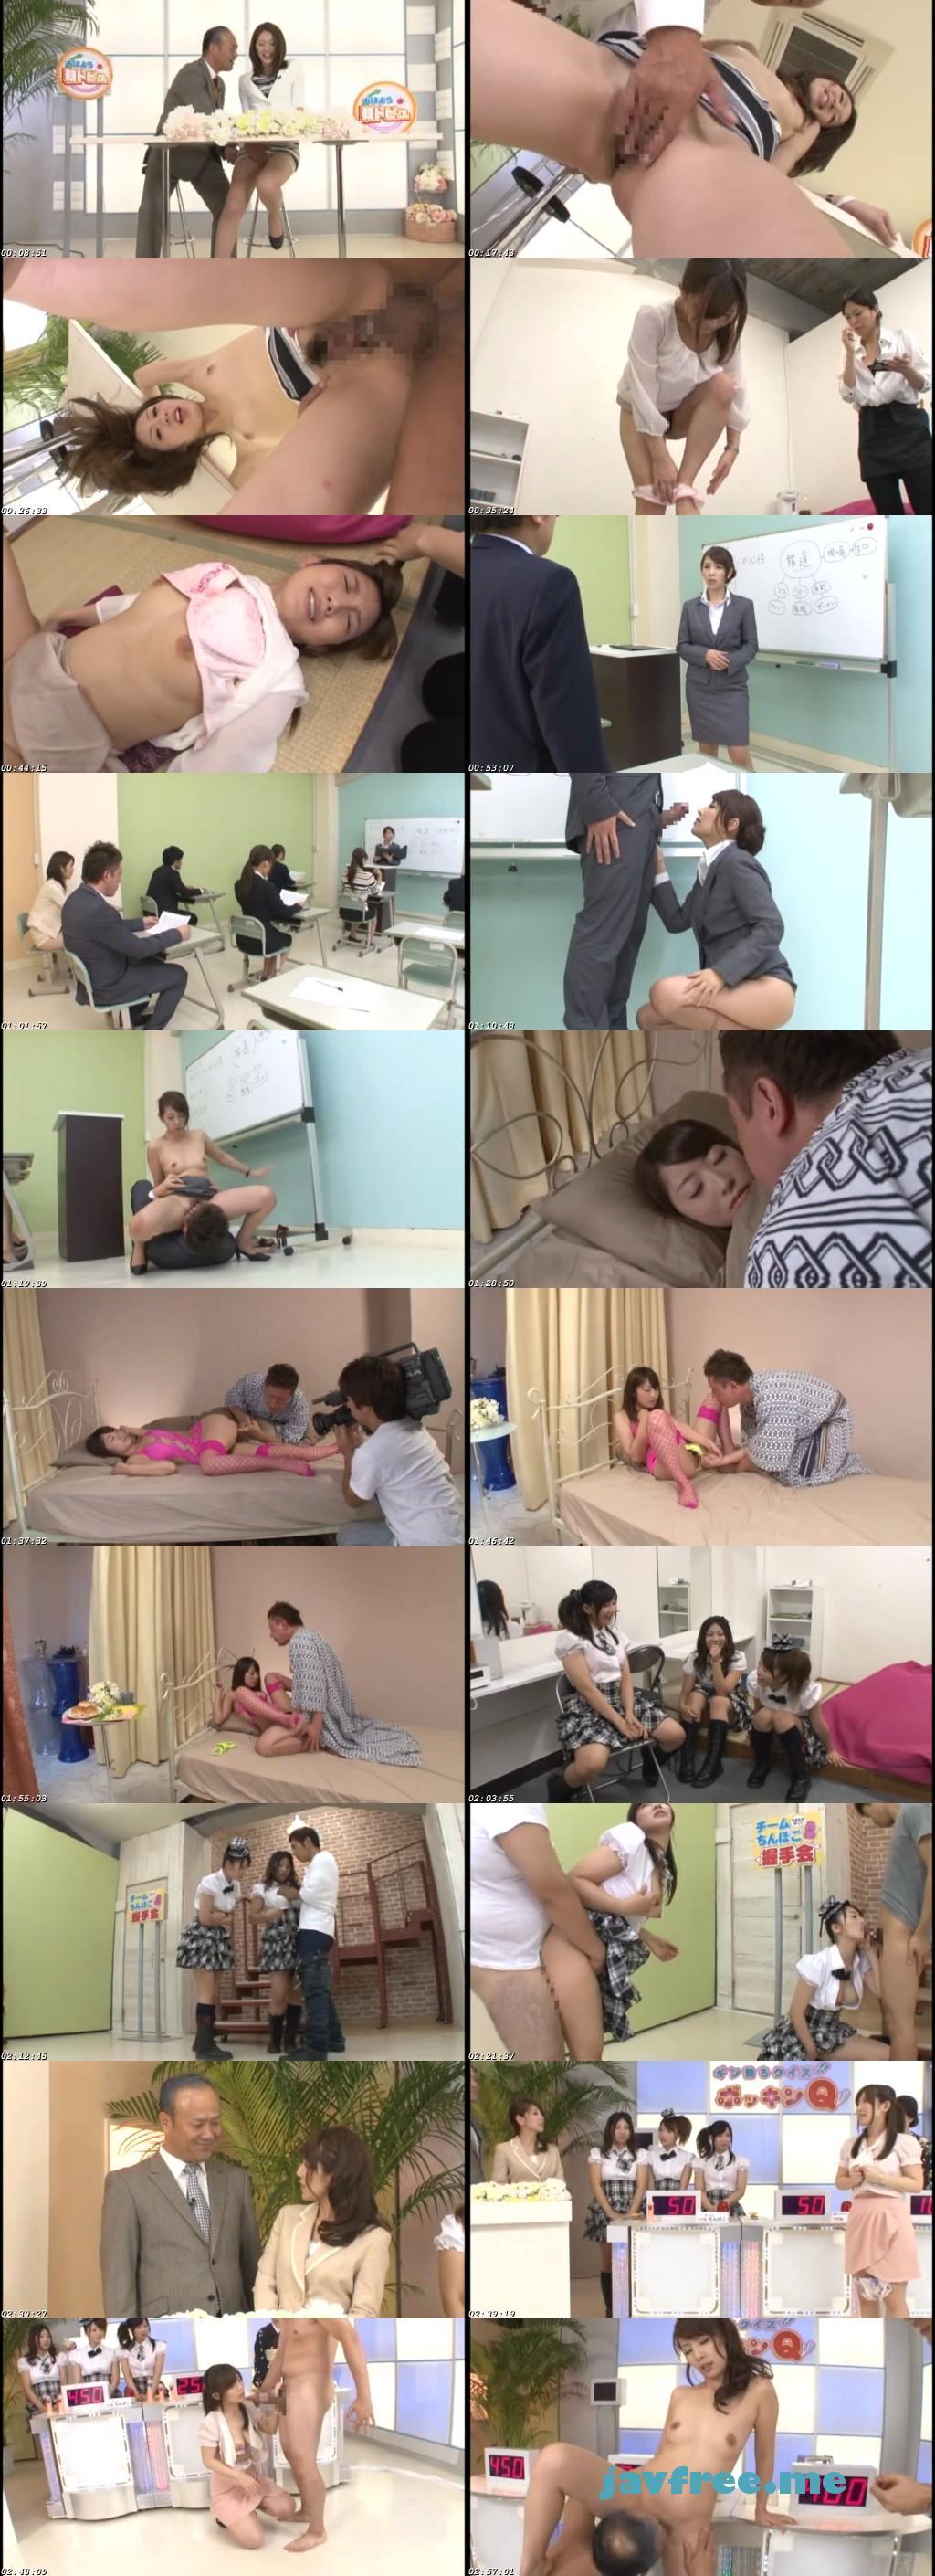 [DVDES 582] SEXのハードルが異常に低い世界 4 辺見麻衣 美鈴リリカ 美泉咲 結城みさ 宮瀬リコ 初美沙希 SEXのハードルが異常に低い世界 DVDES